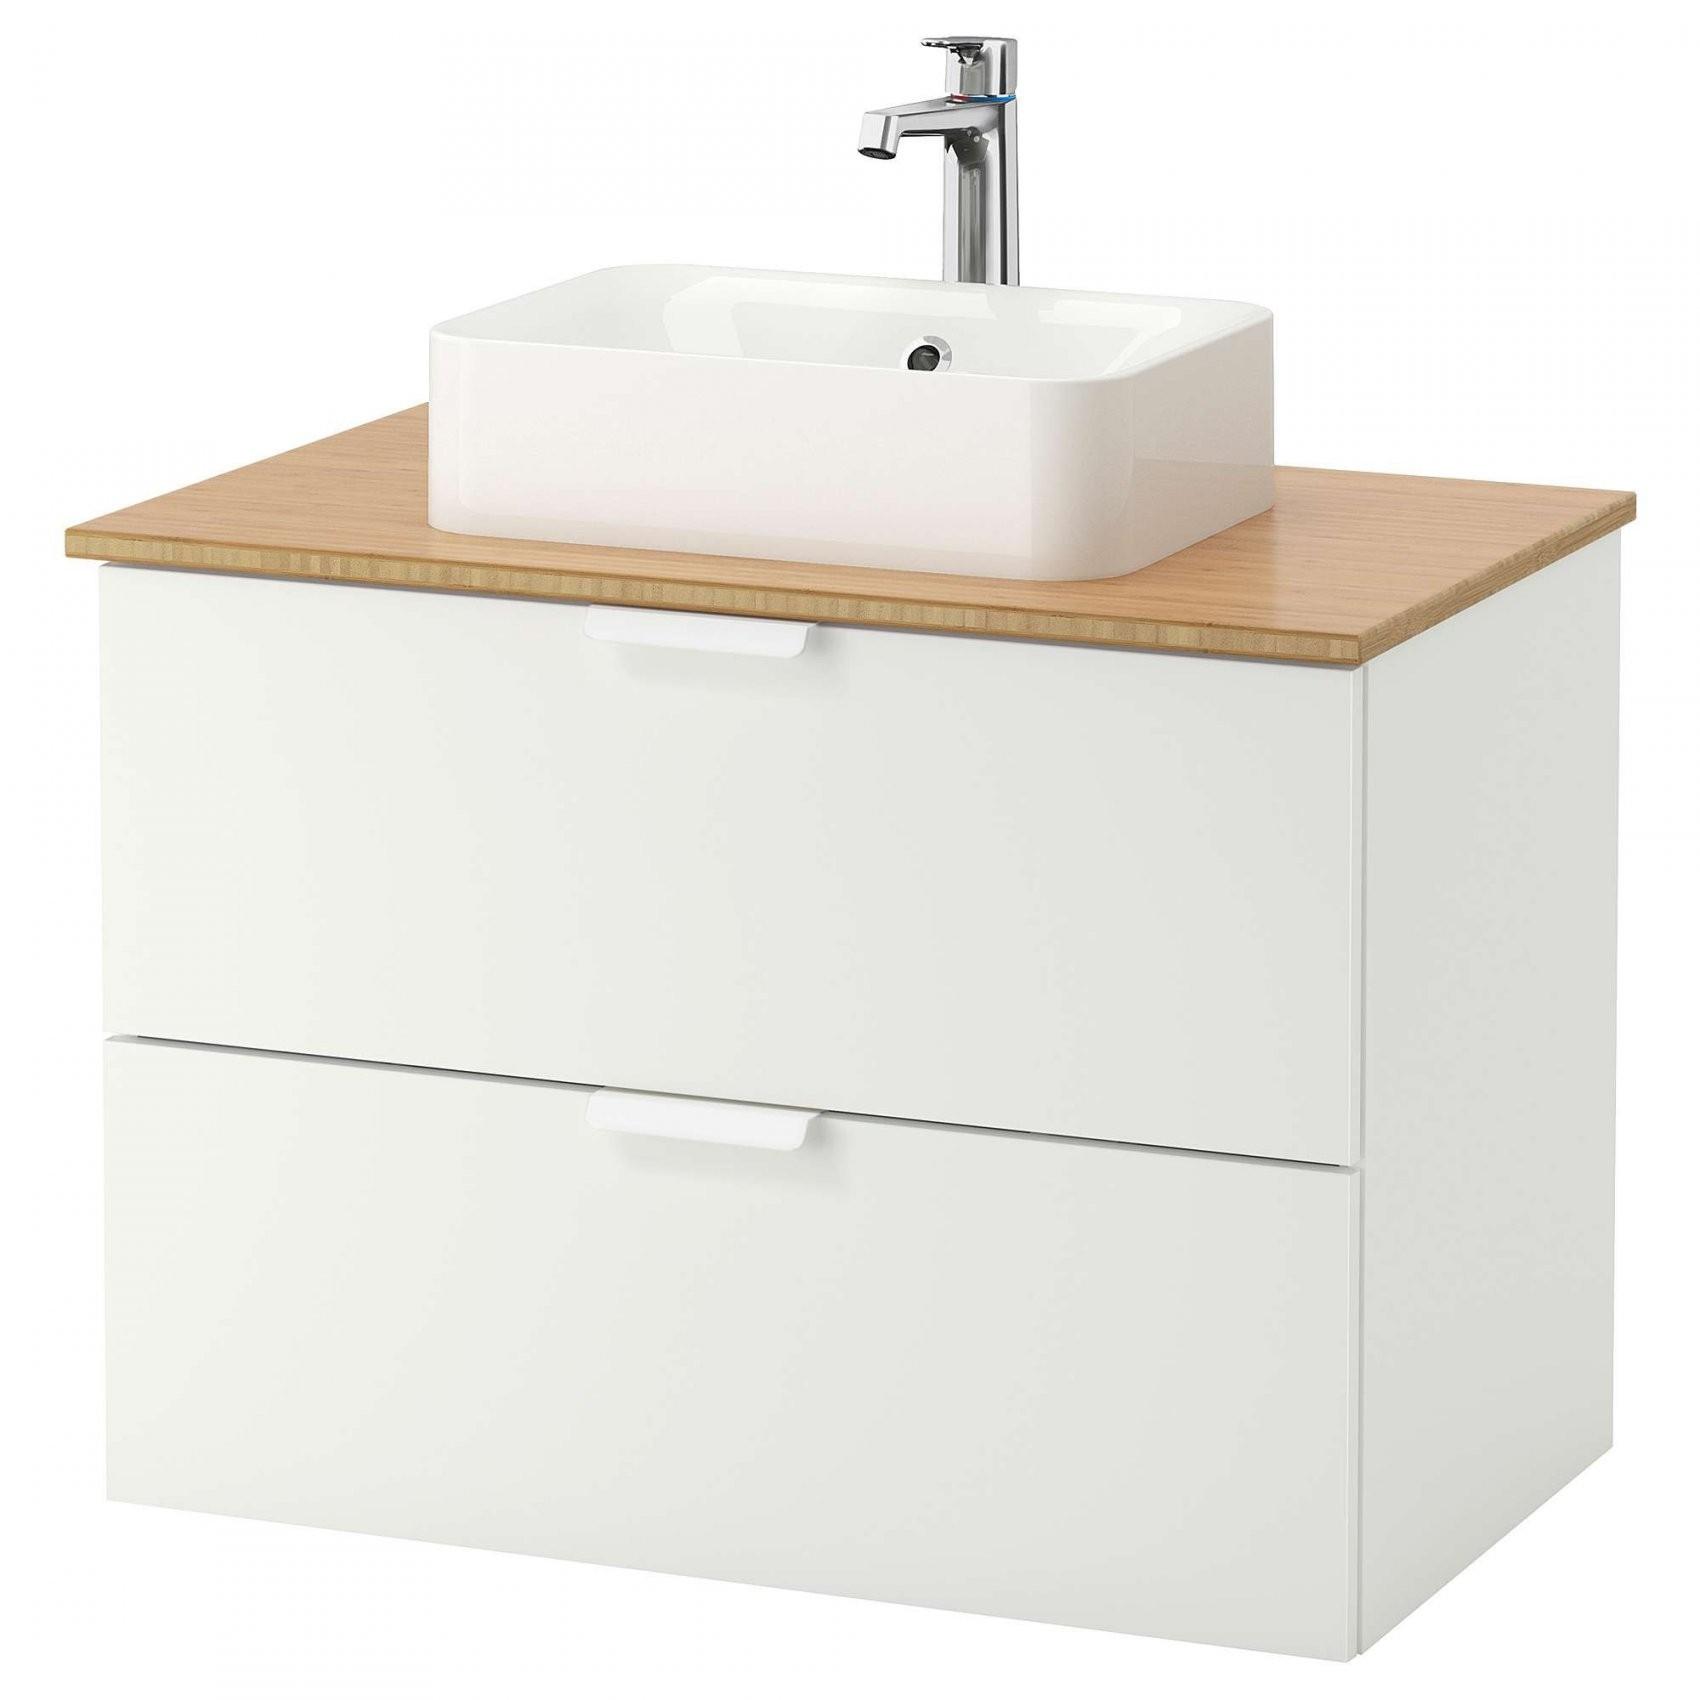 Aufsatzwaschbecken Rund Mit Unterschrank Mit 36 Schön Waschbecken von Waschbecken Klein Mit Unterschrank Photo